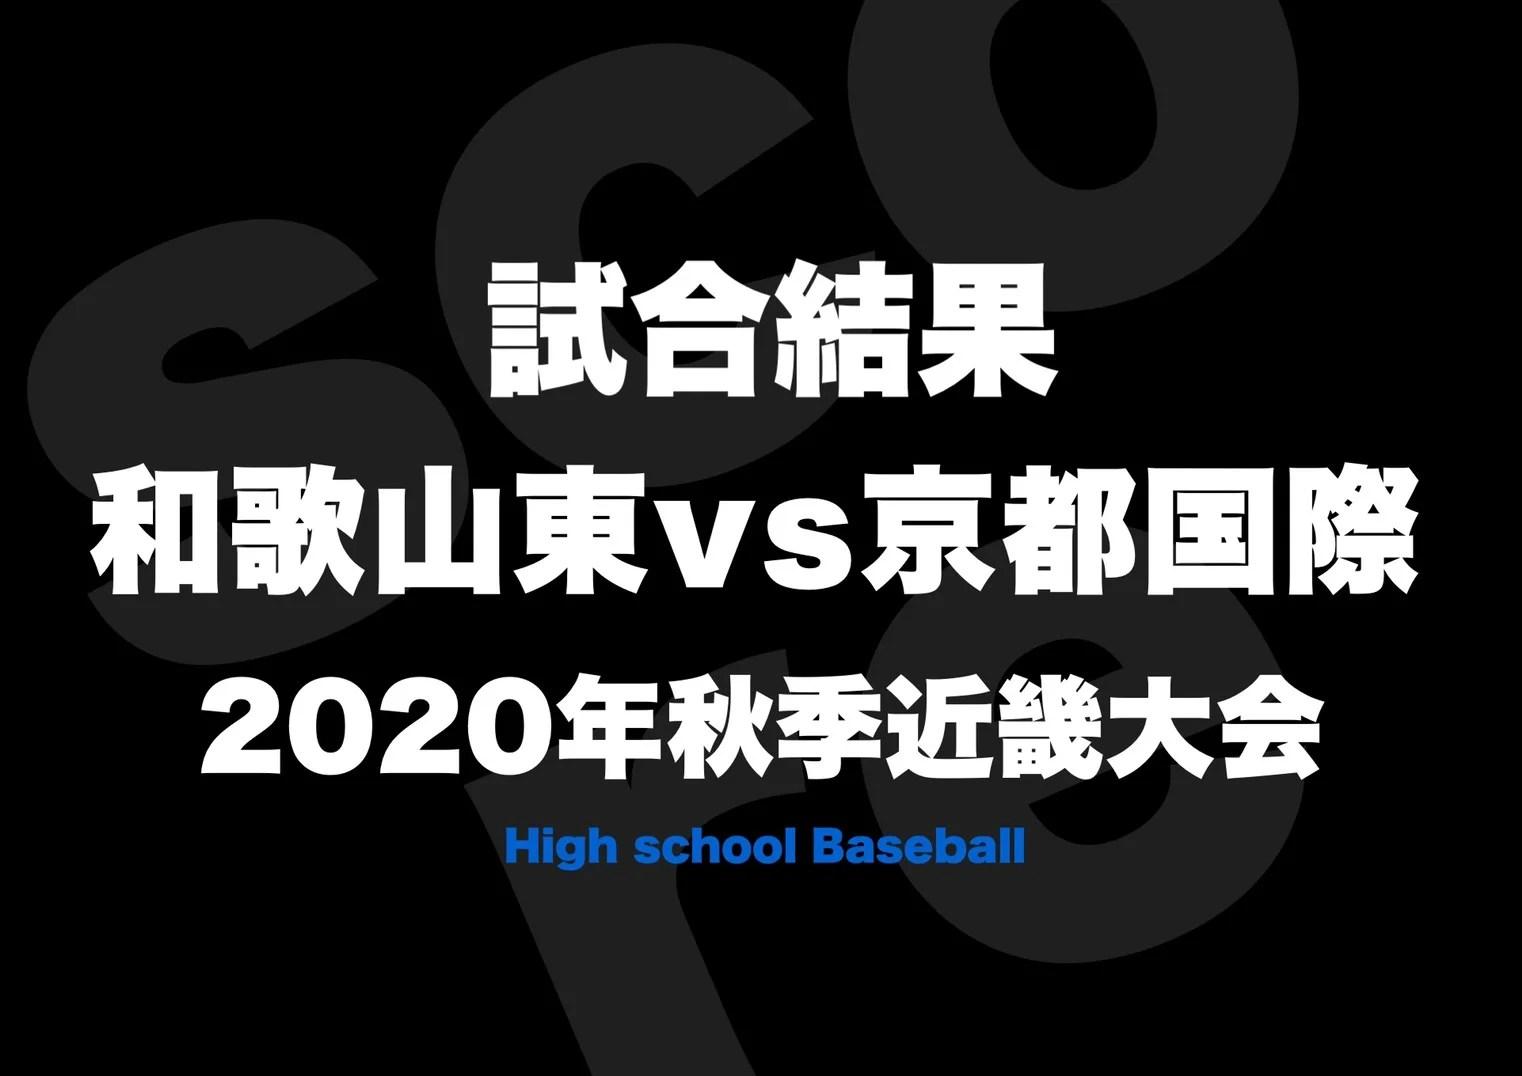 大会 2020 近畿